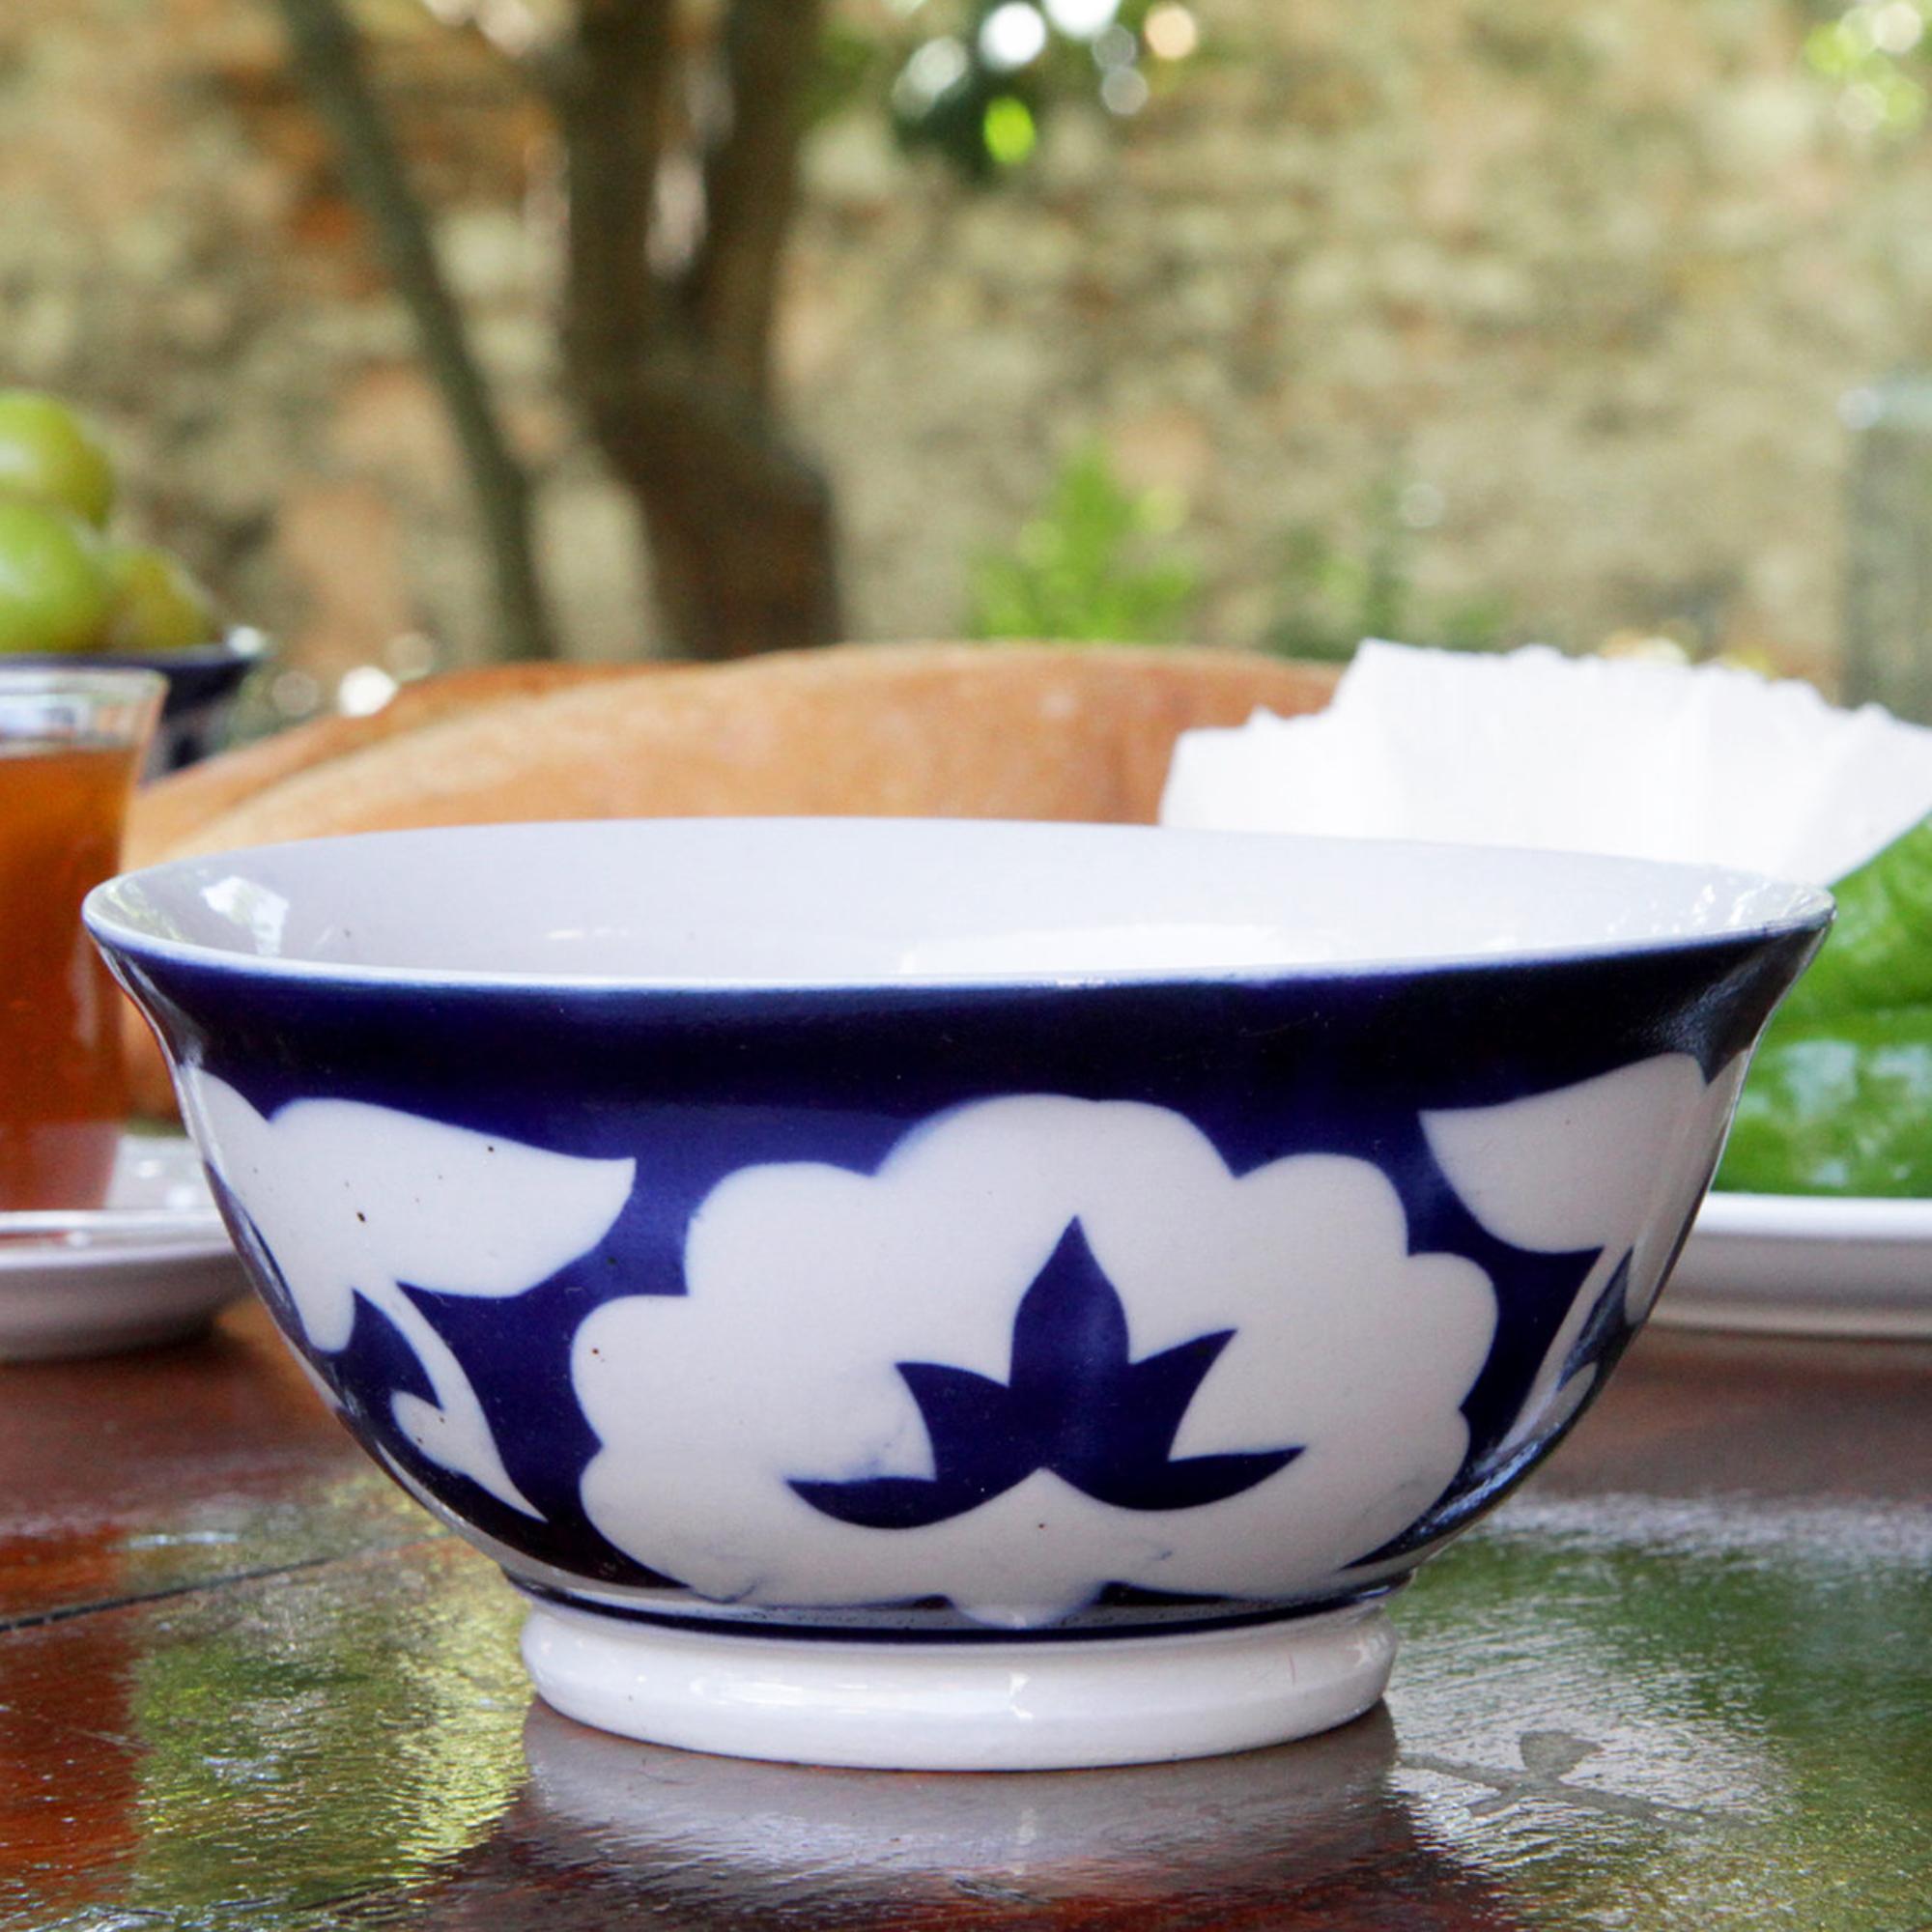 6557-VUB-Vintage-Uzbek-Bowl